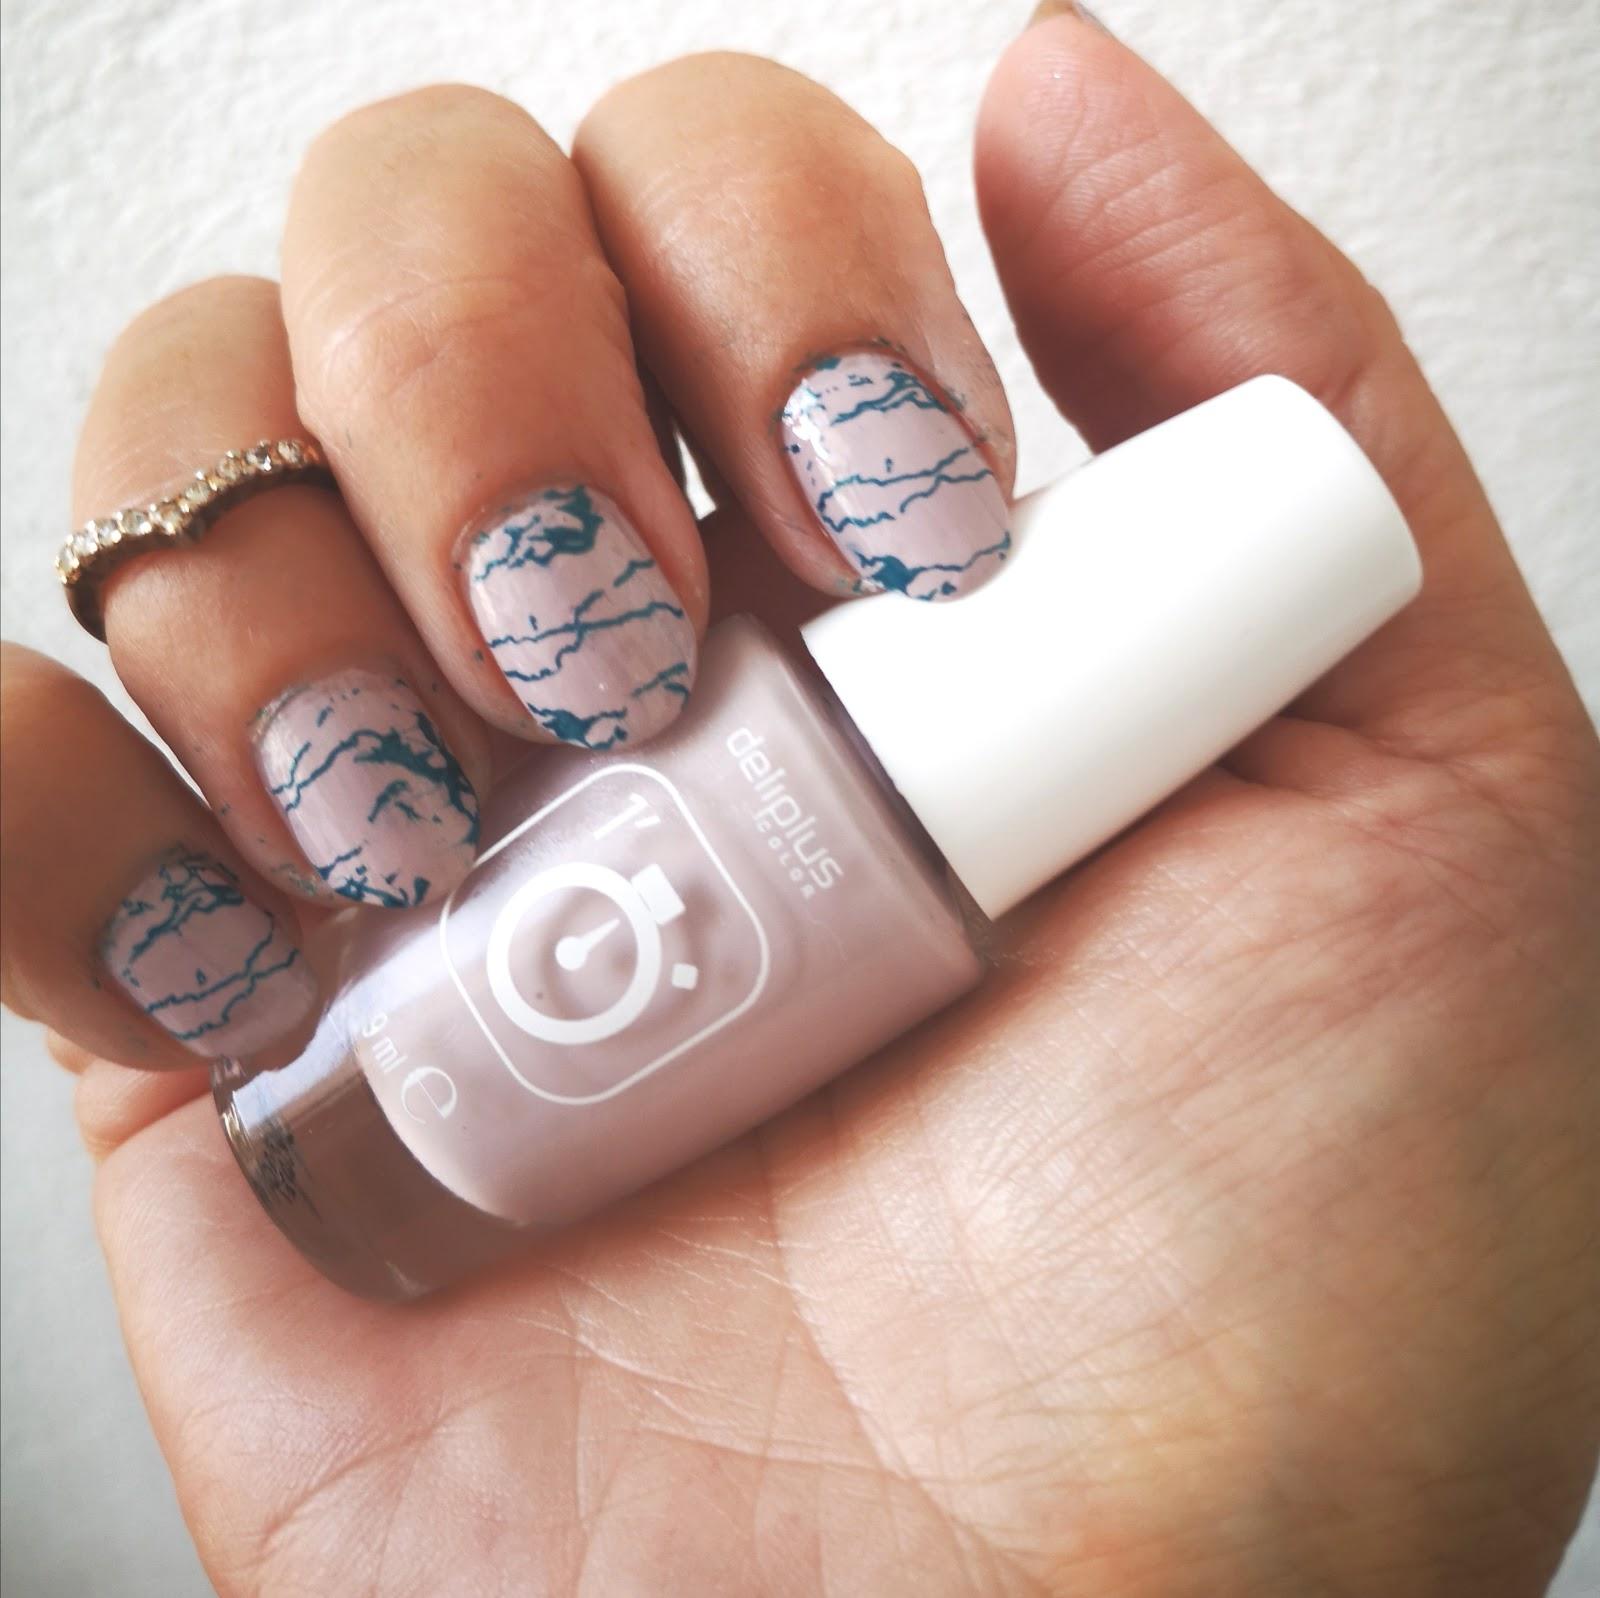 Lapinturera Blog De Cosmética Maquillaje Y Belleza